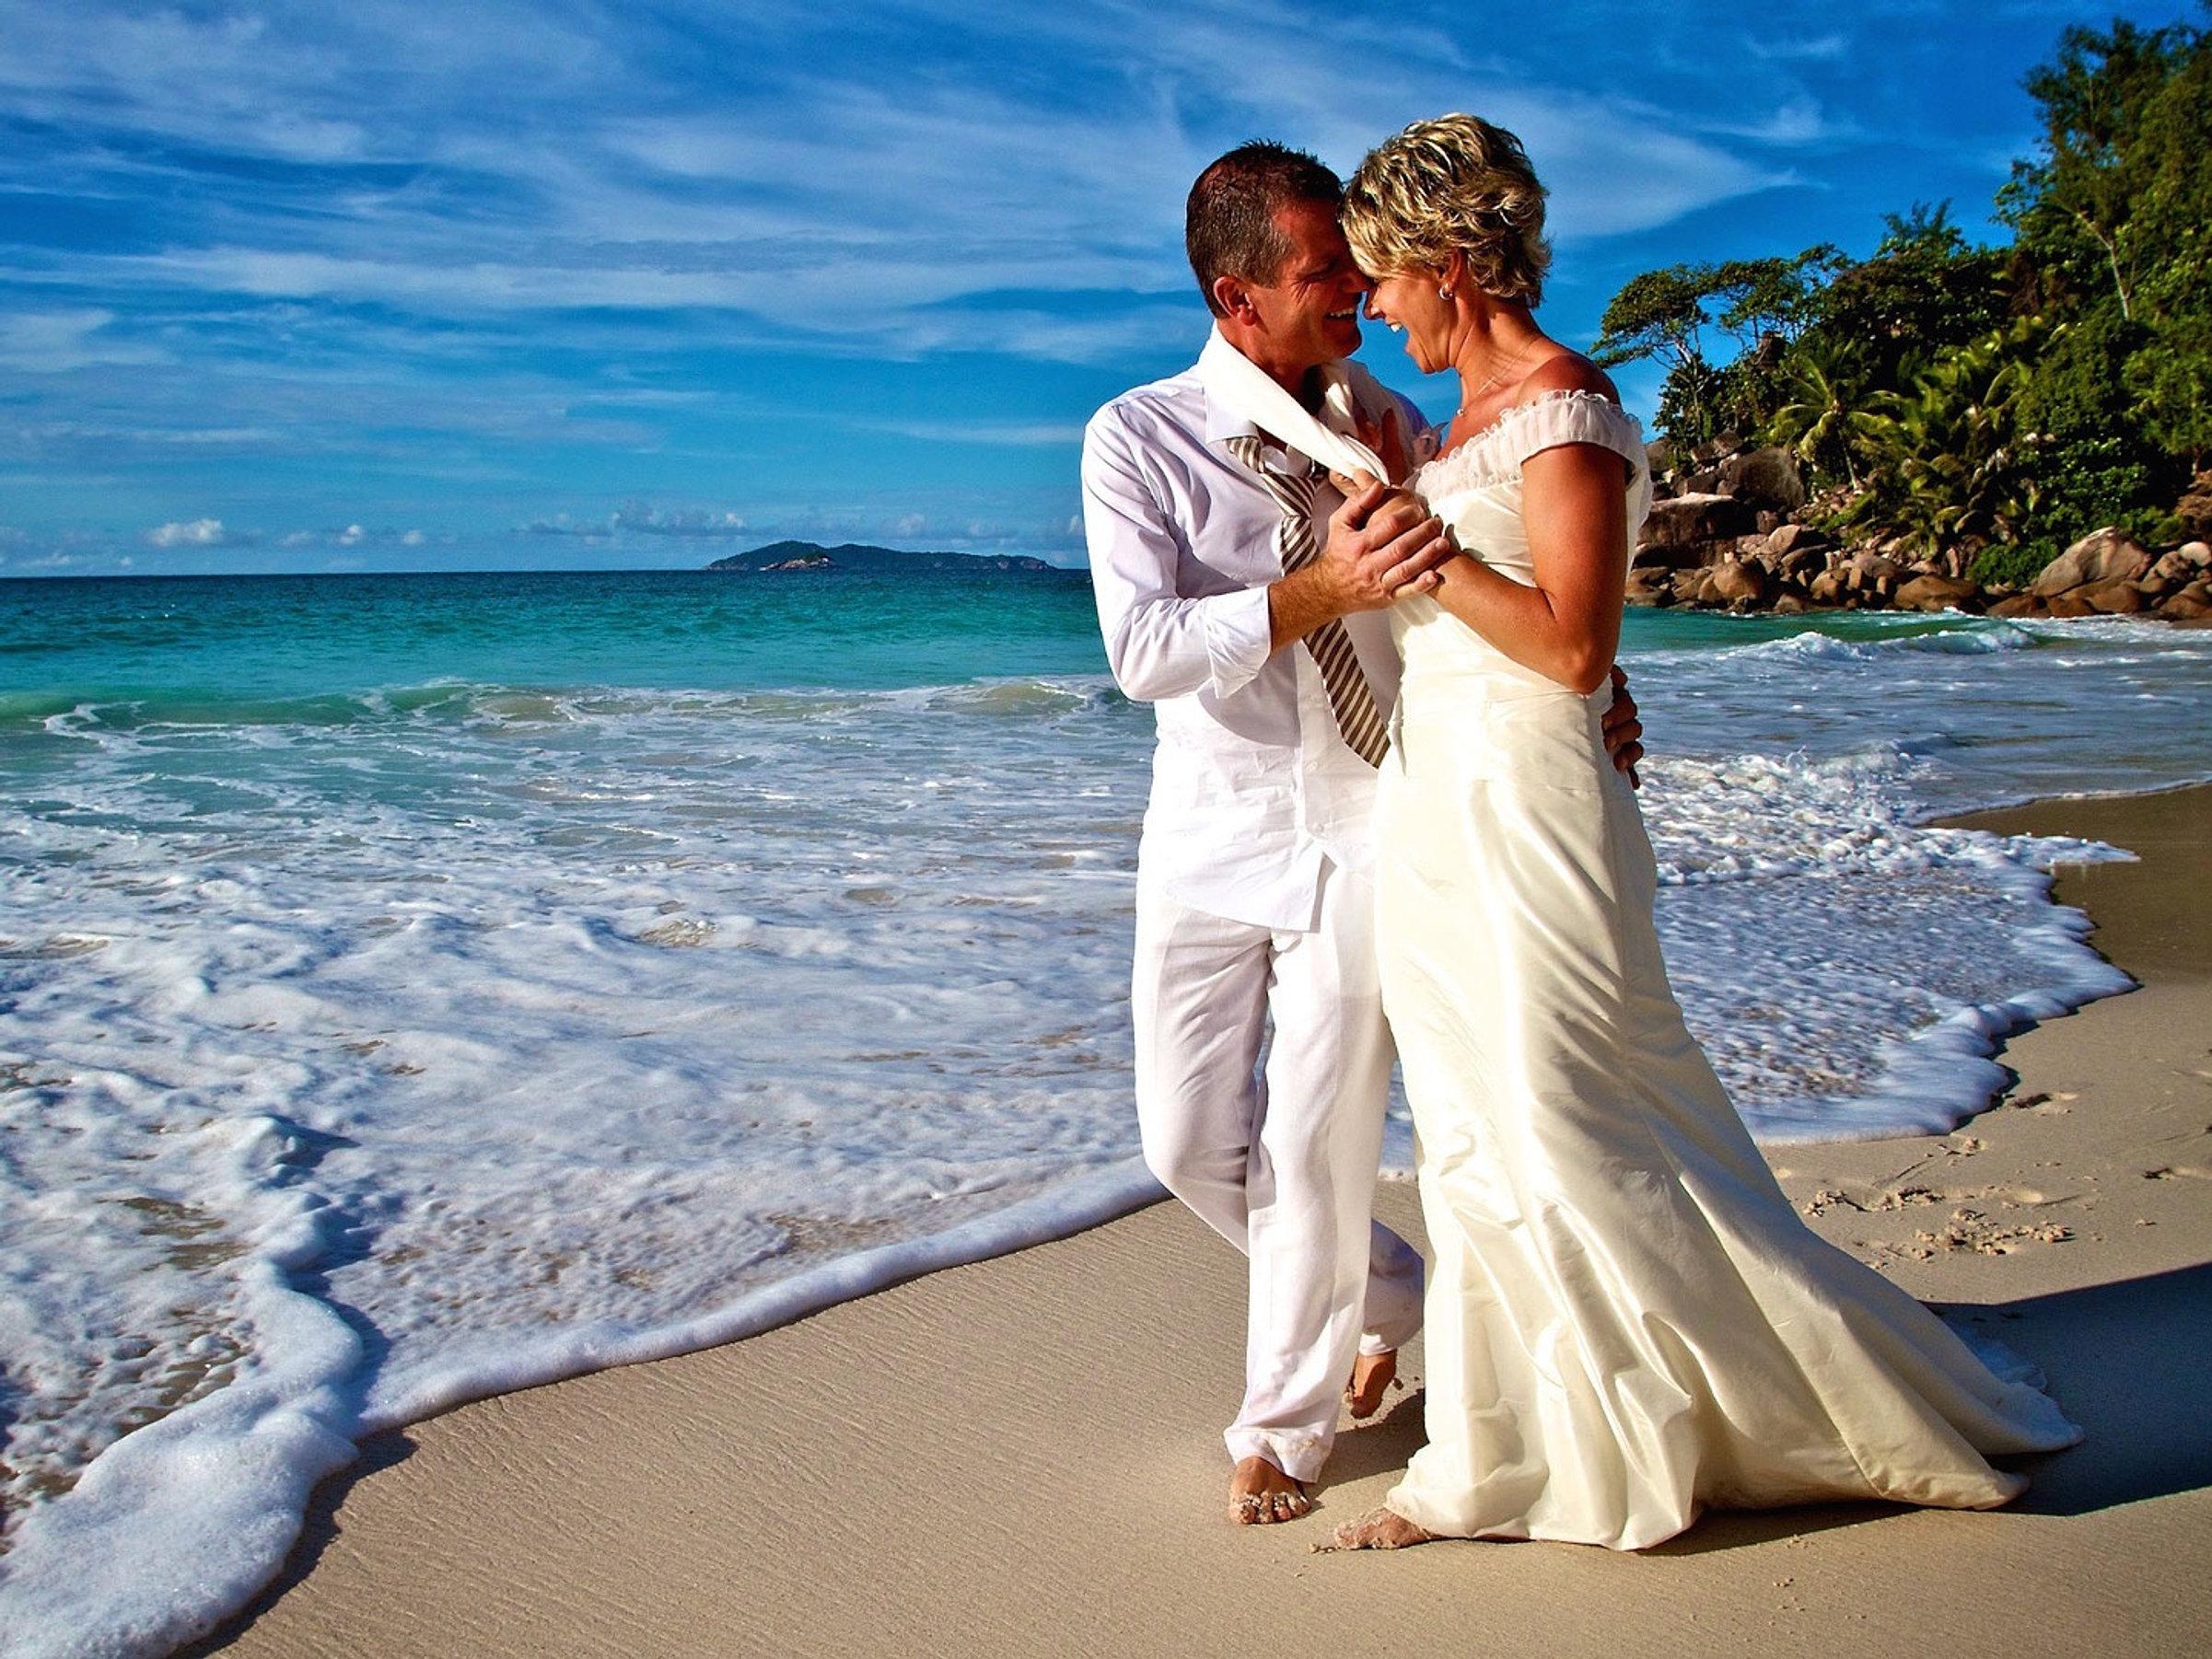 photographe aux seychelles levy laurent mahe praslin la digue photographie_de_mariage_aux_seychelles_service_dun_photographe_praslin_levy_laurent - Photographe Mariage Seychelles